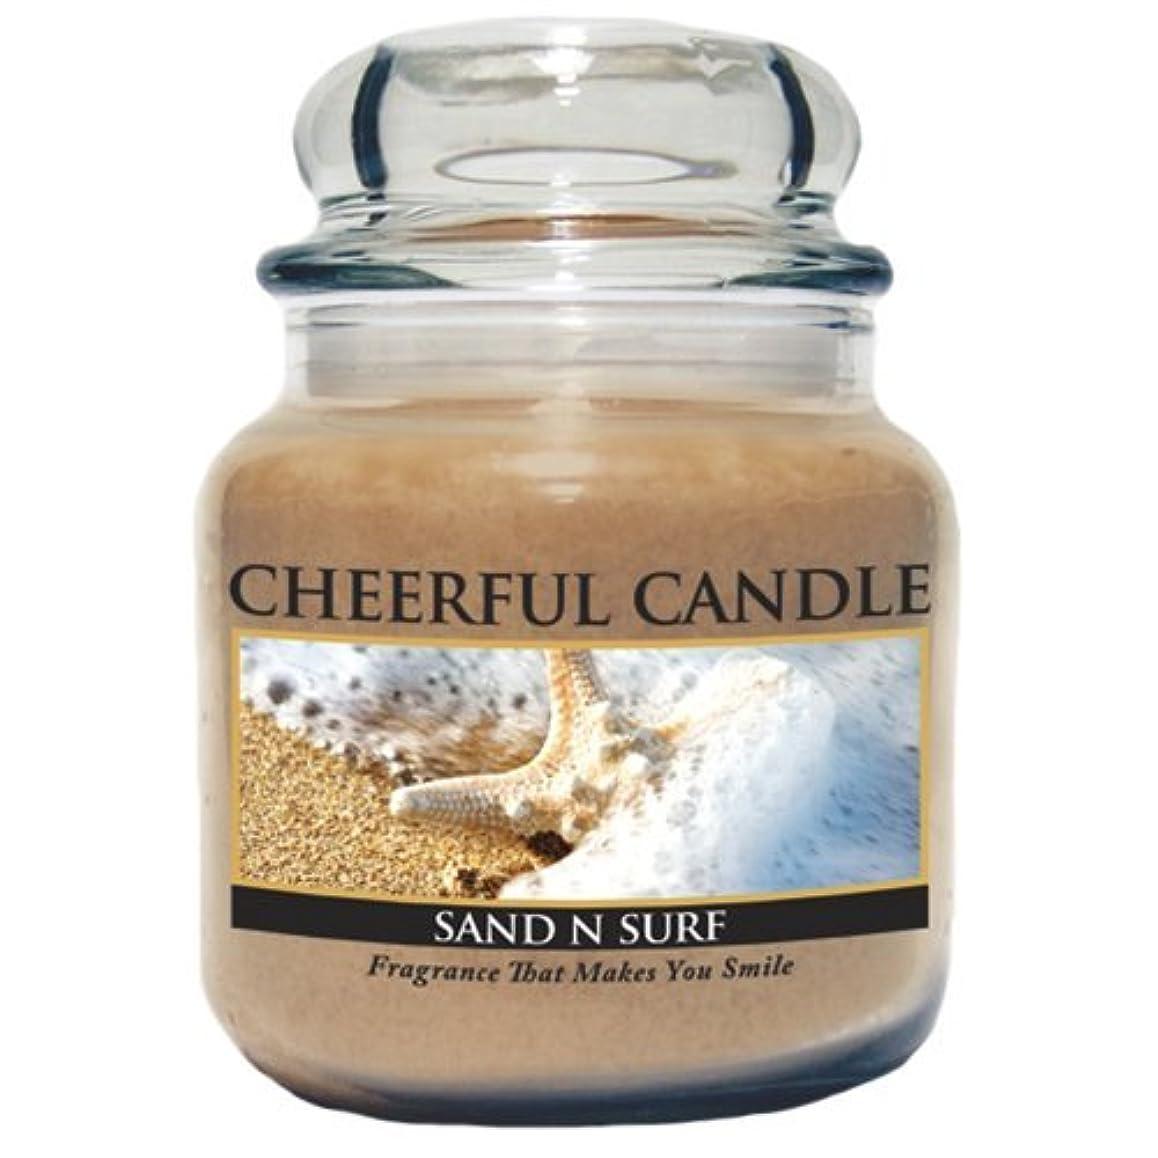 充電困惑した掃除A Cheerful Giver Sand and Surf Jar Candle, 24-Ounce by Cheerful Giver [並行輸入品]